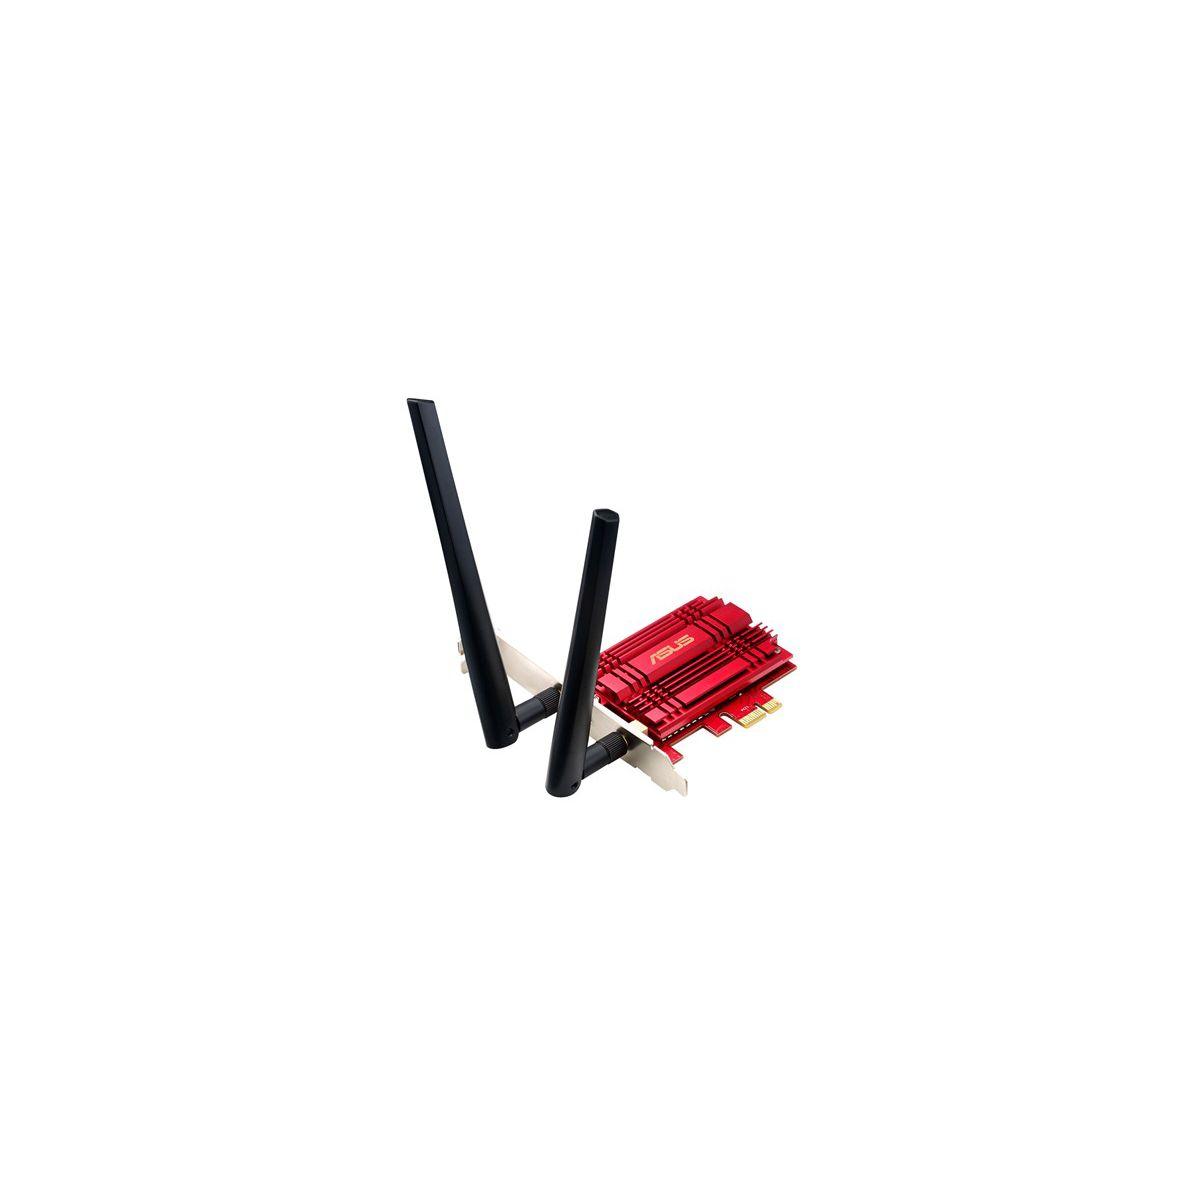 Adaptateur réseau ASUS PCIE AC56 WIFI Double bande AC1200 (photo)